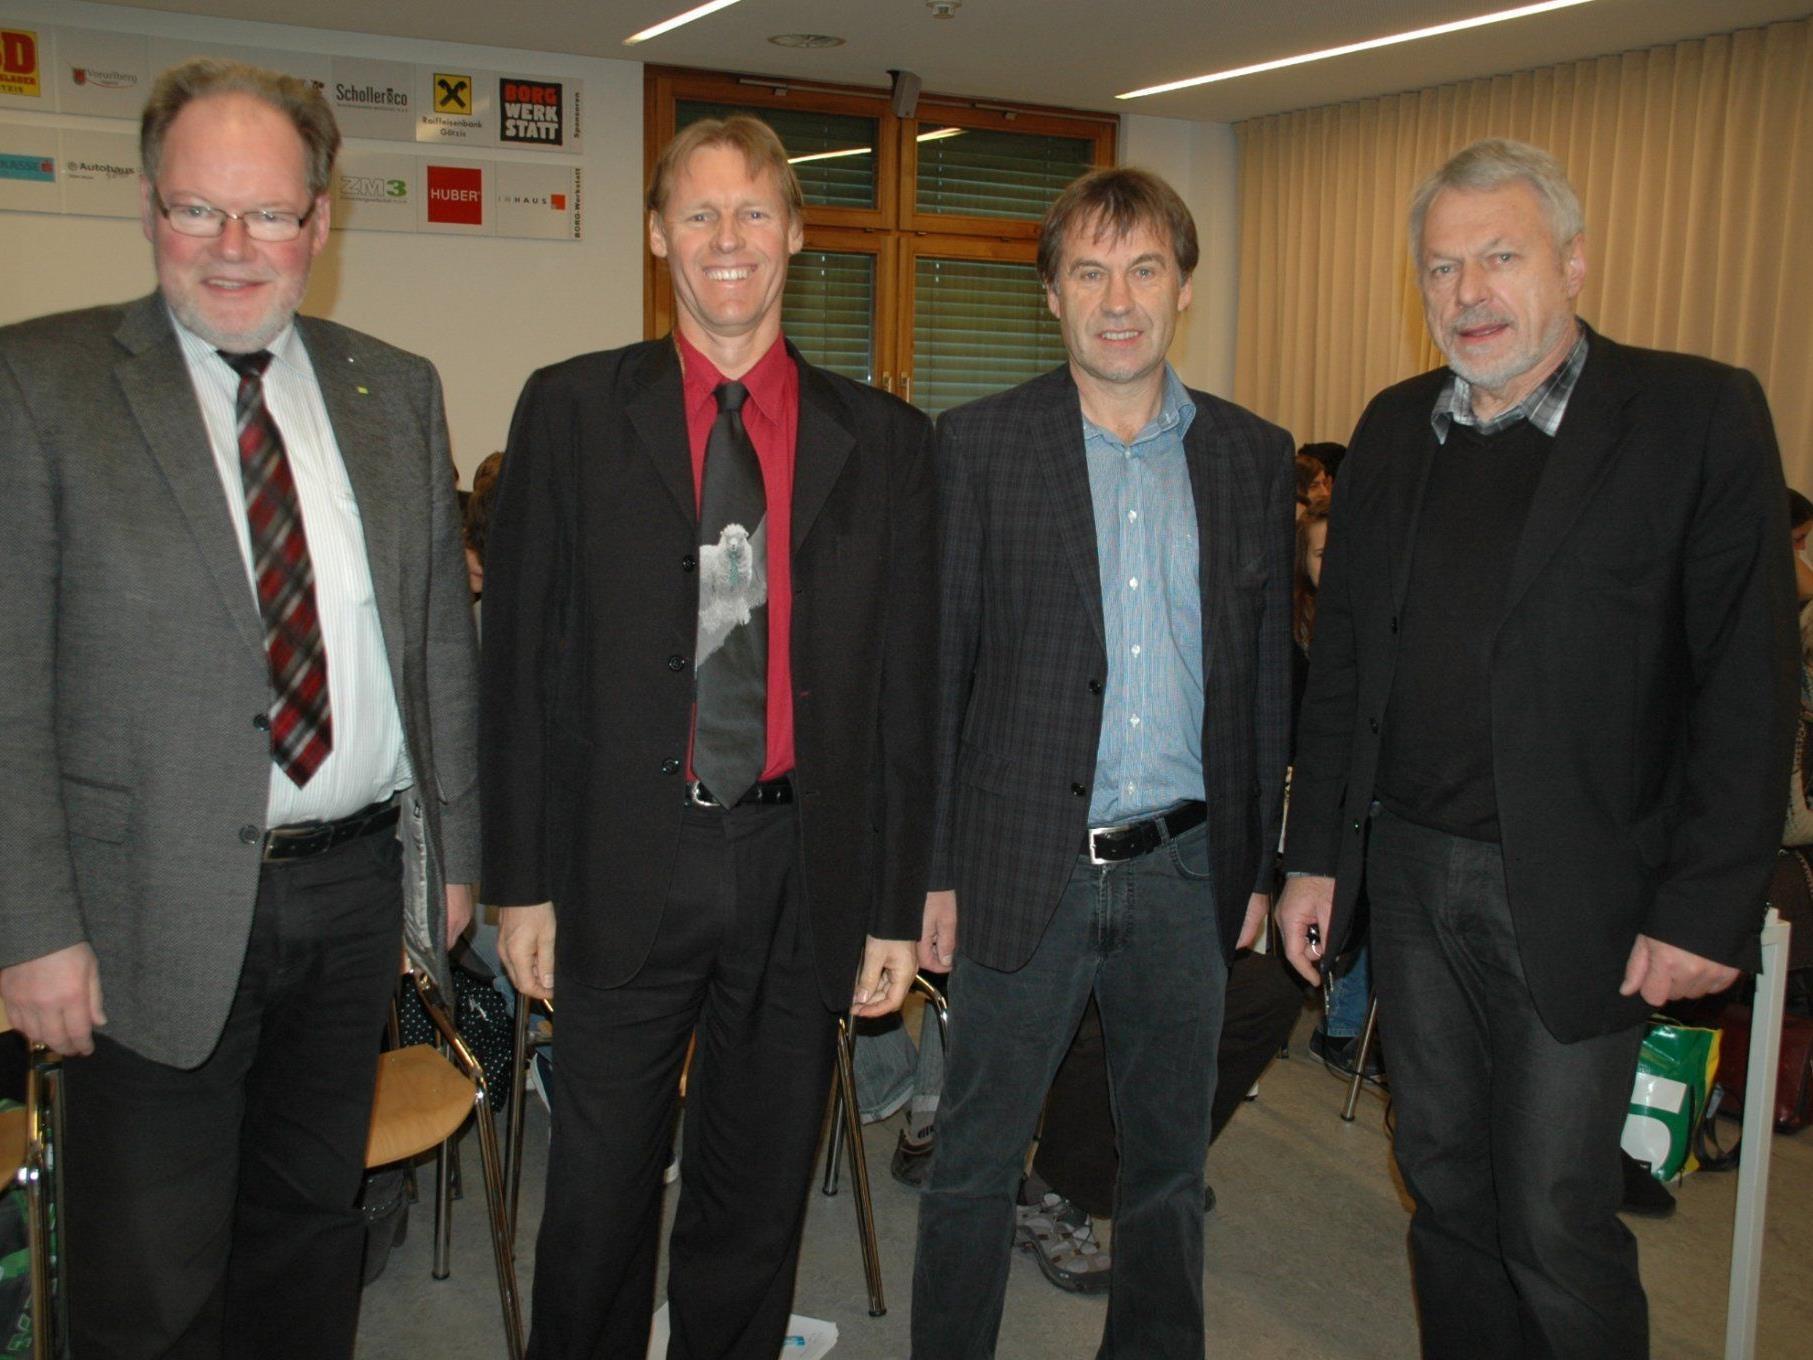 v.l. Bgm. Werner Huber, Alyn Ware, Dir. Thomas Rothmund & Jose Oberhauser